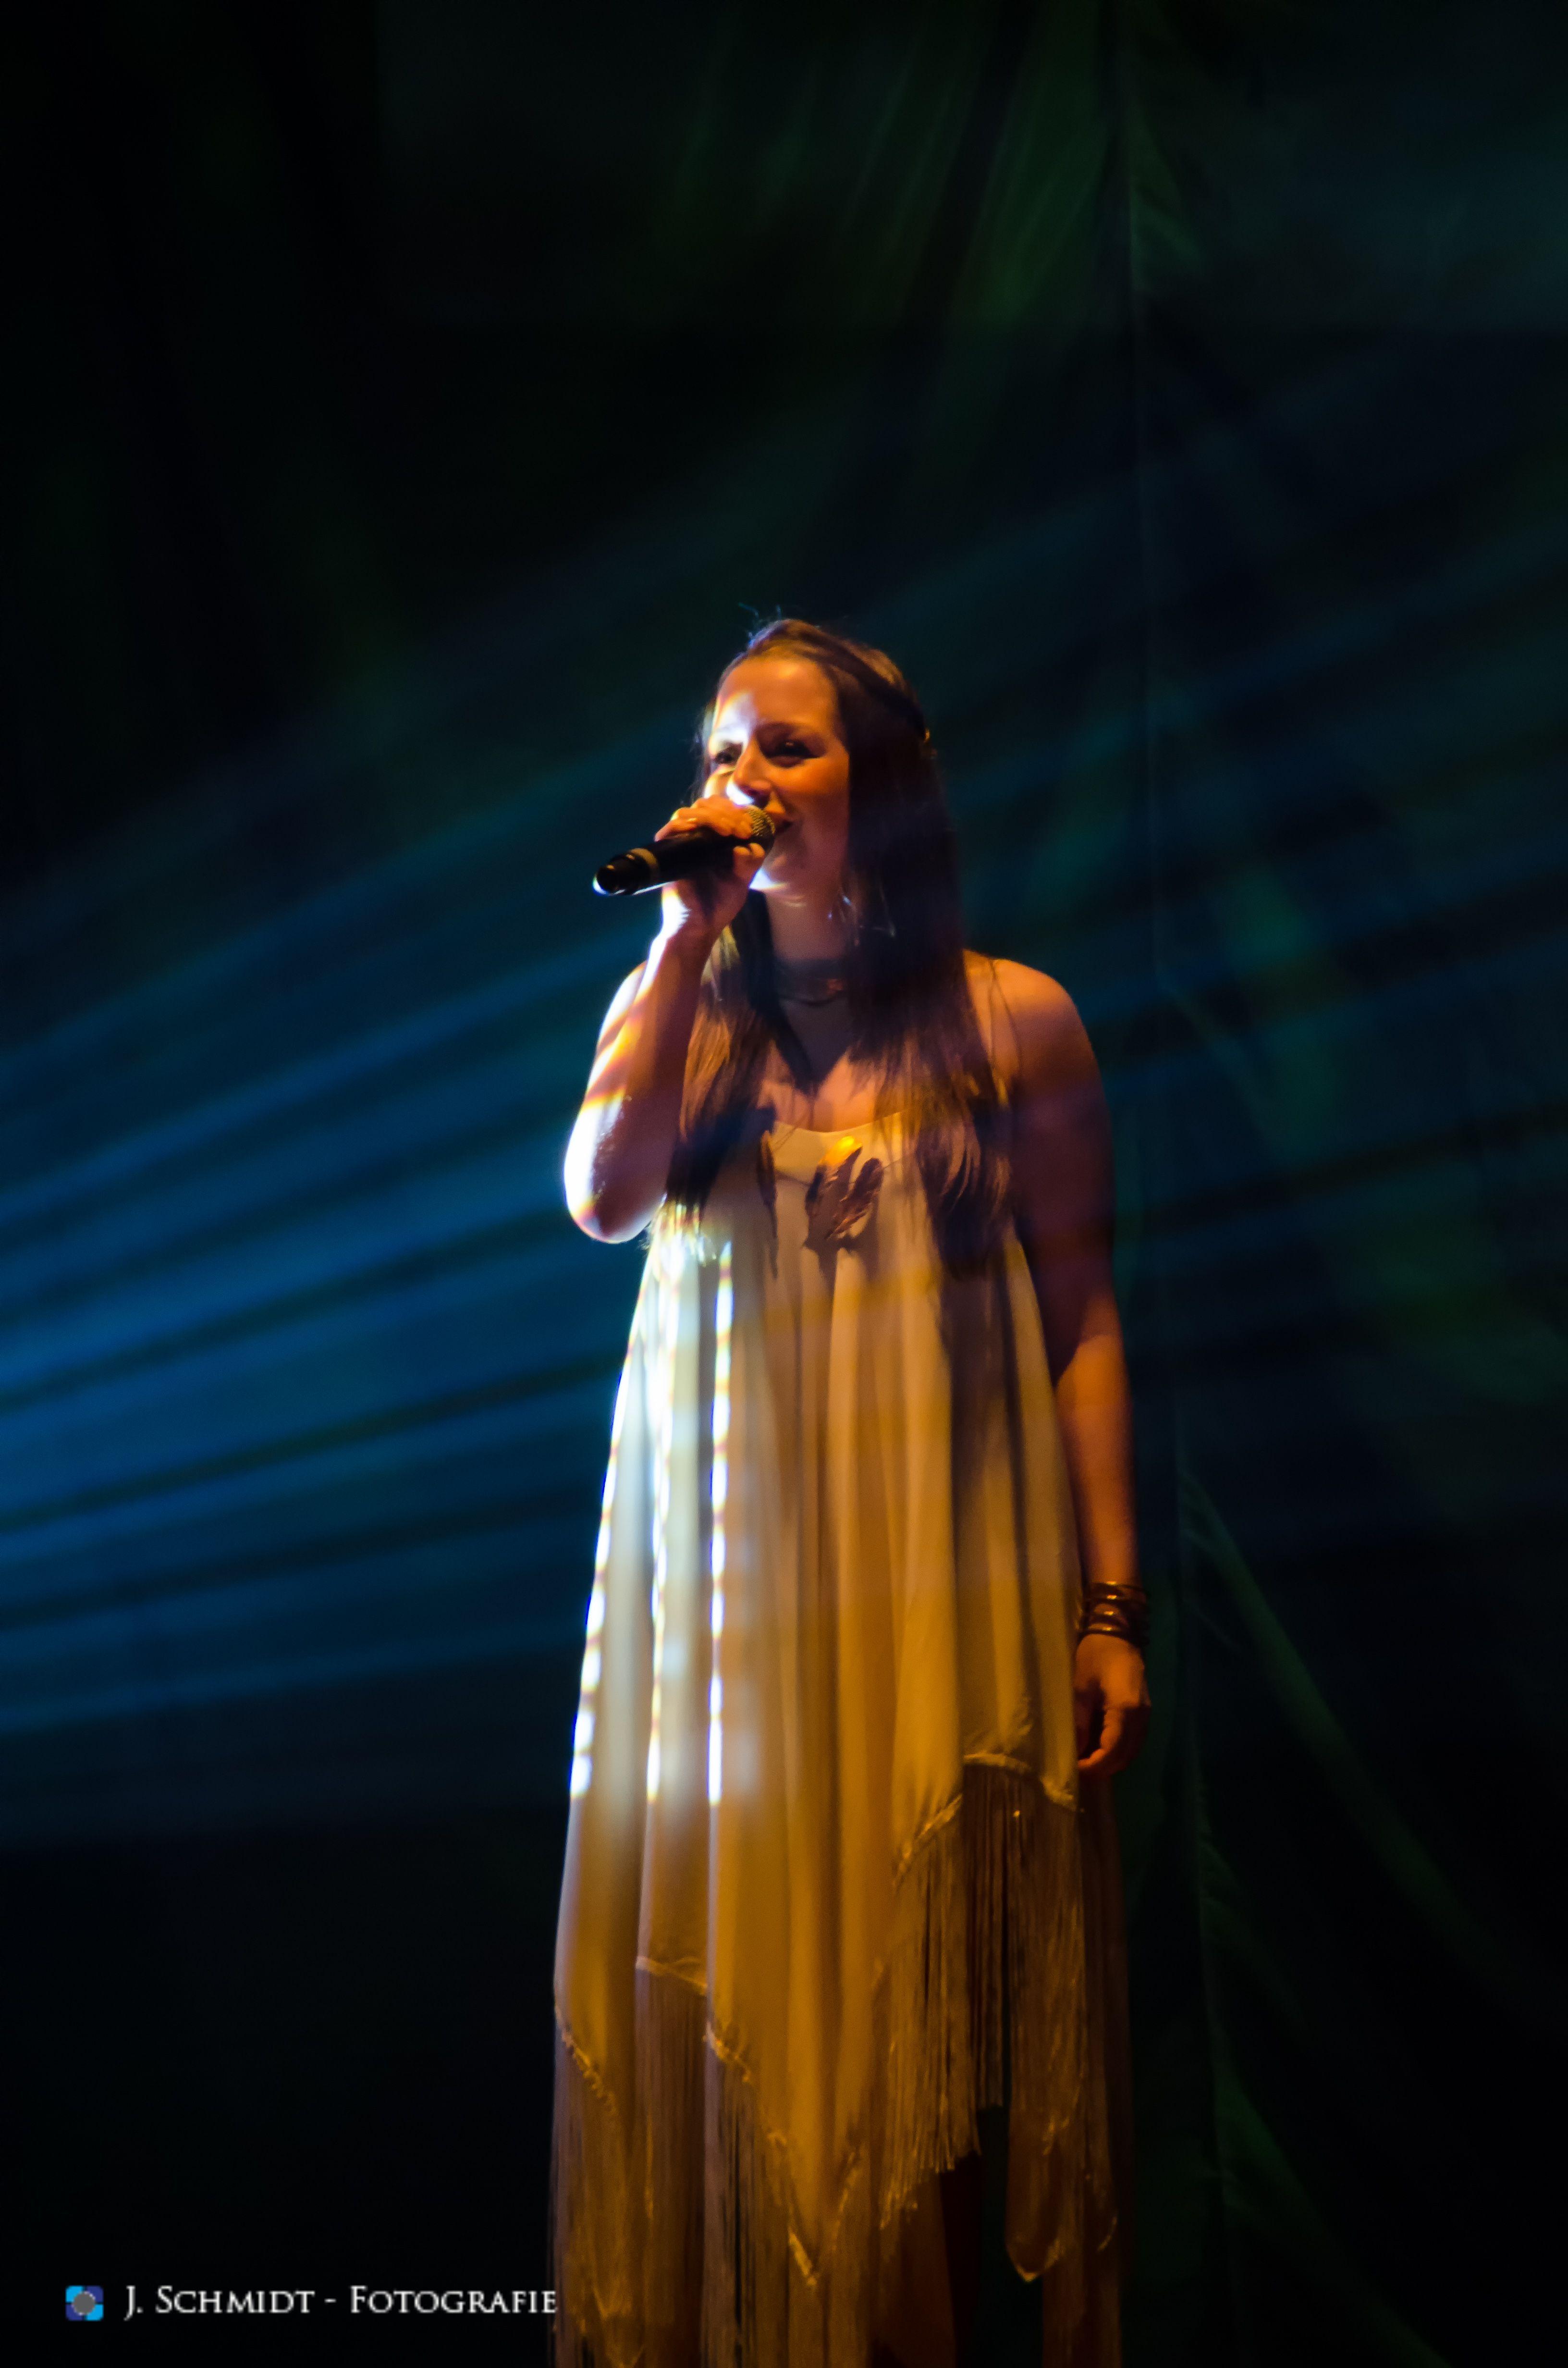 Sängerin Senta Sofia Delliponti Beim Performen Ihrer Songs Musik